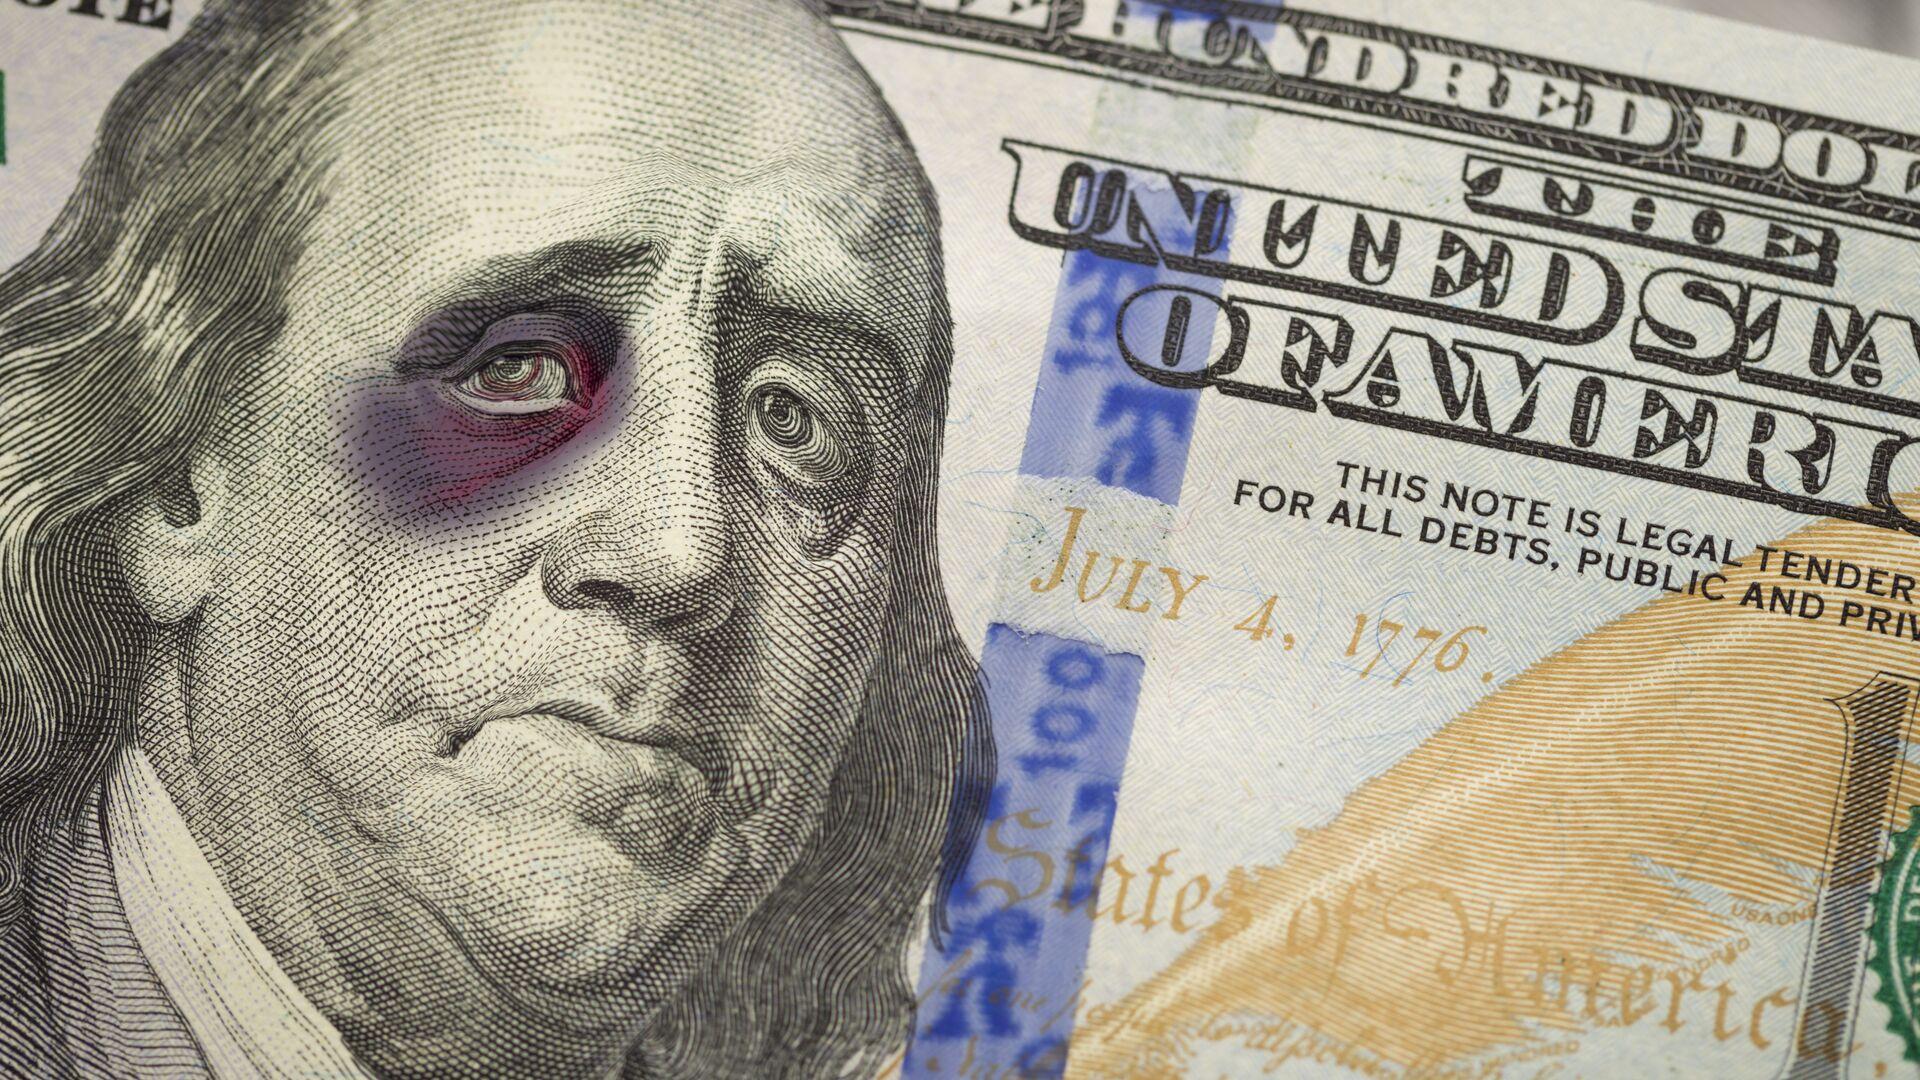 Изображение Бенджамина Франклина с подбитым глазом на банкноте номиналом в 100 долларов США  - РИА Новости, 1920, 08.02.2021